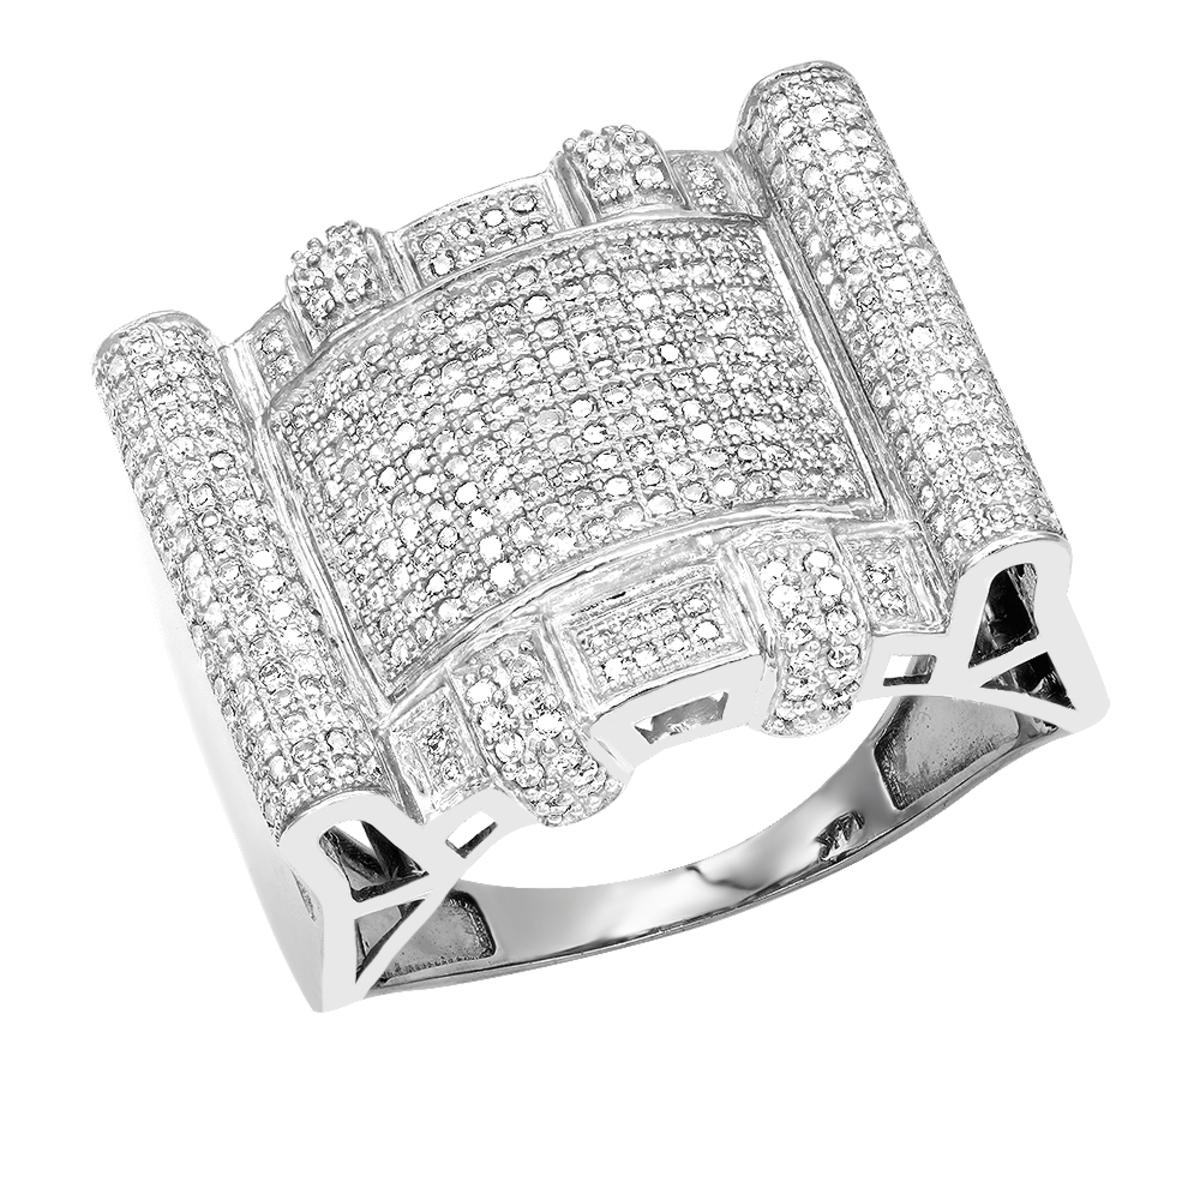 14K Mens Genuine Diamond Ring 1.1 ct